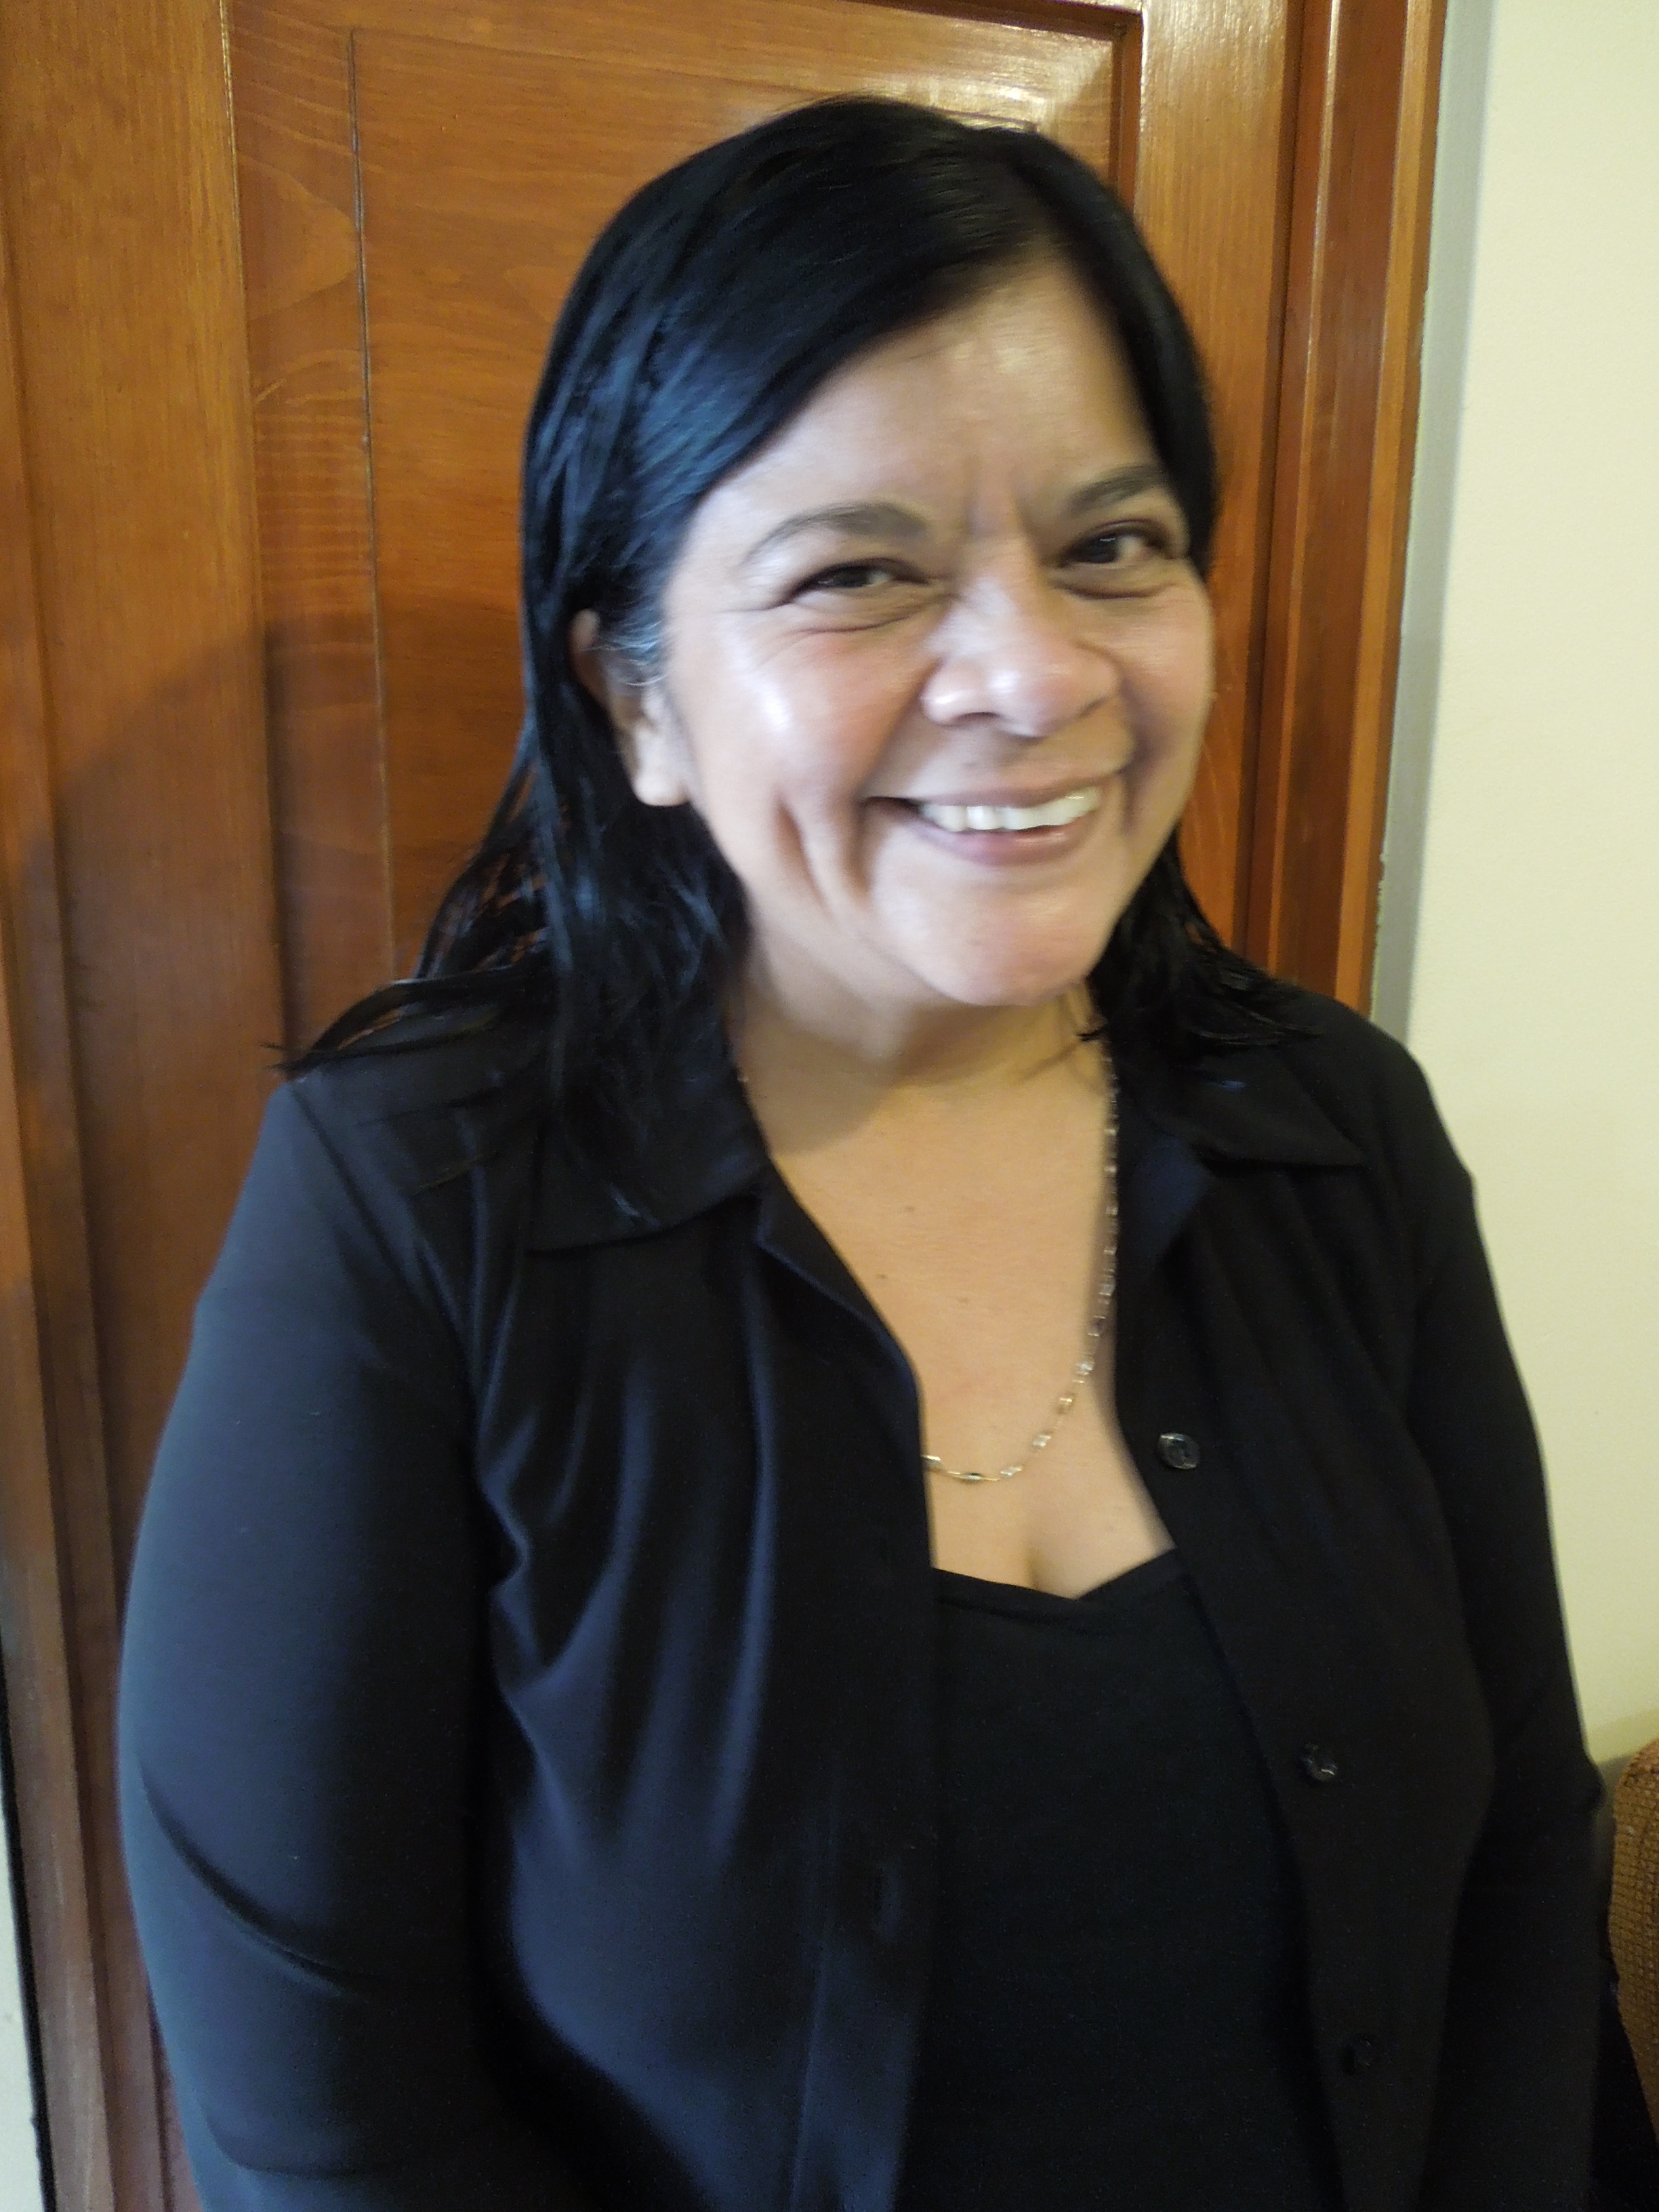 Perla Oropeza